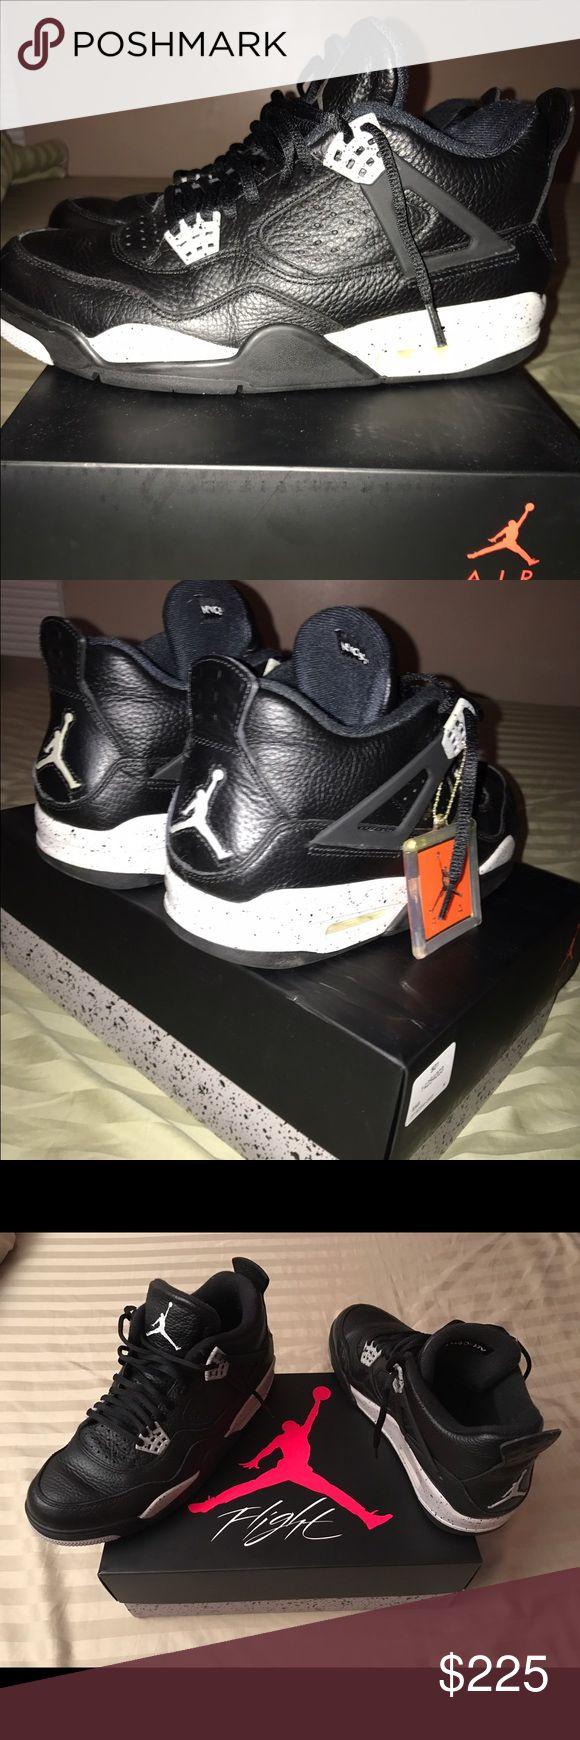 Air Jordan Oreo 4 retros Worn 3x excellent condition Jordan Shoes Athletic Shoes